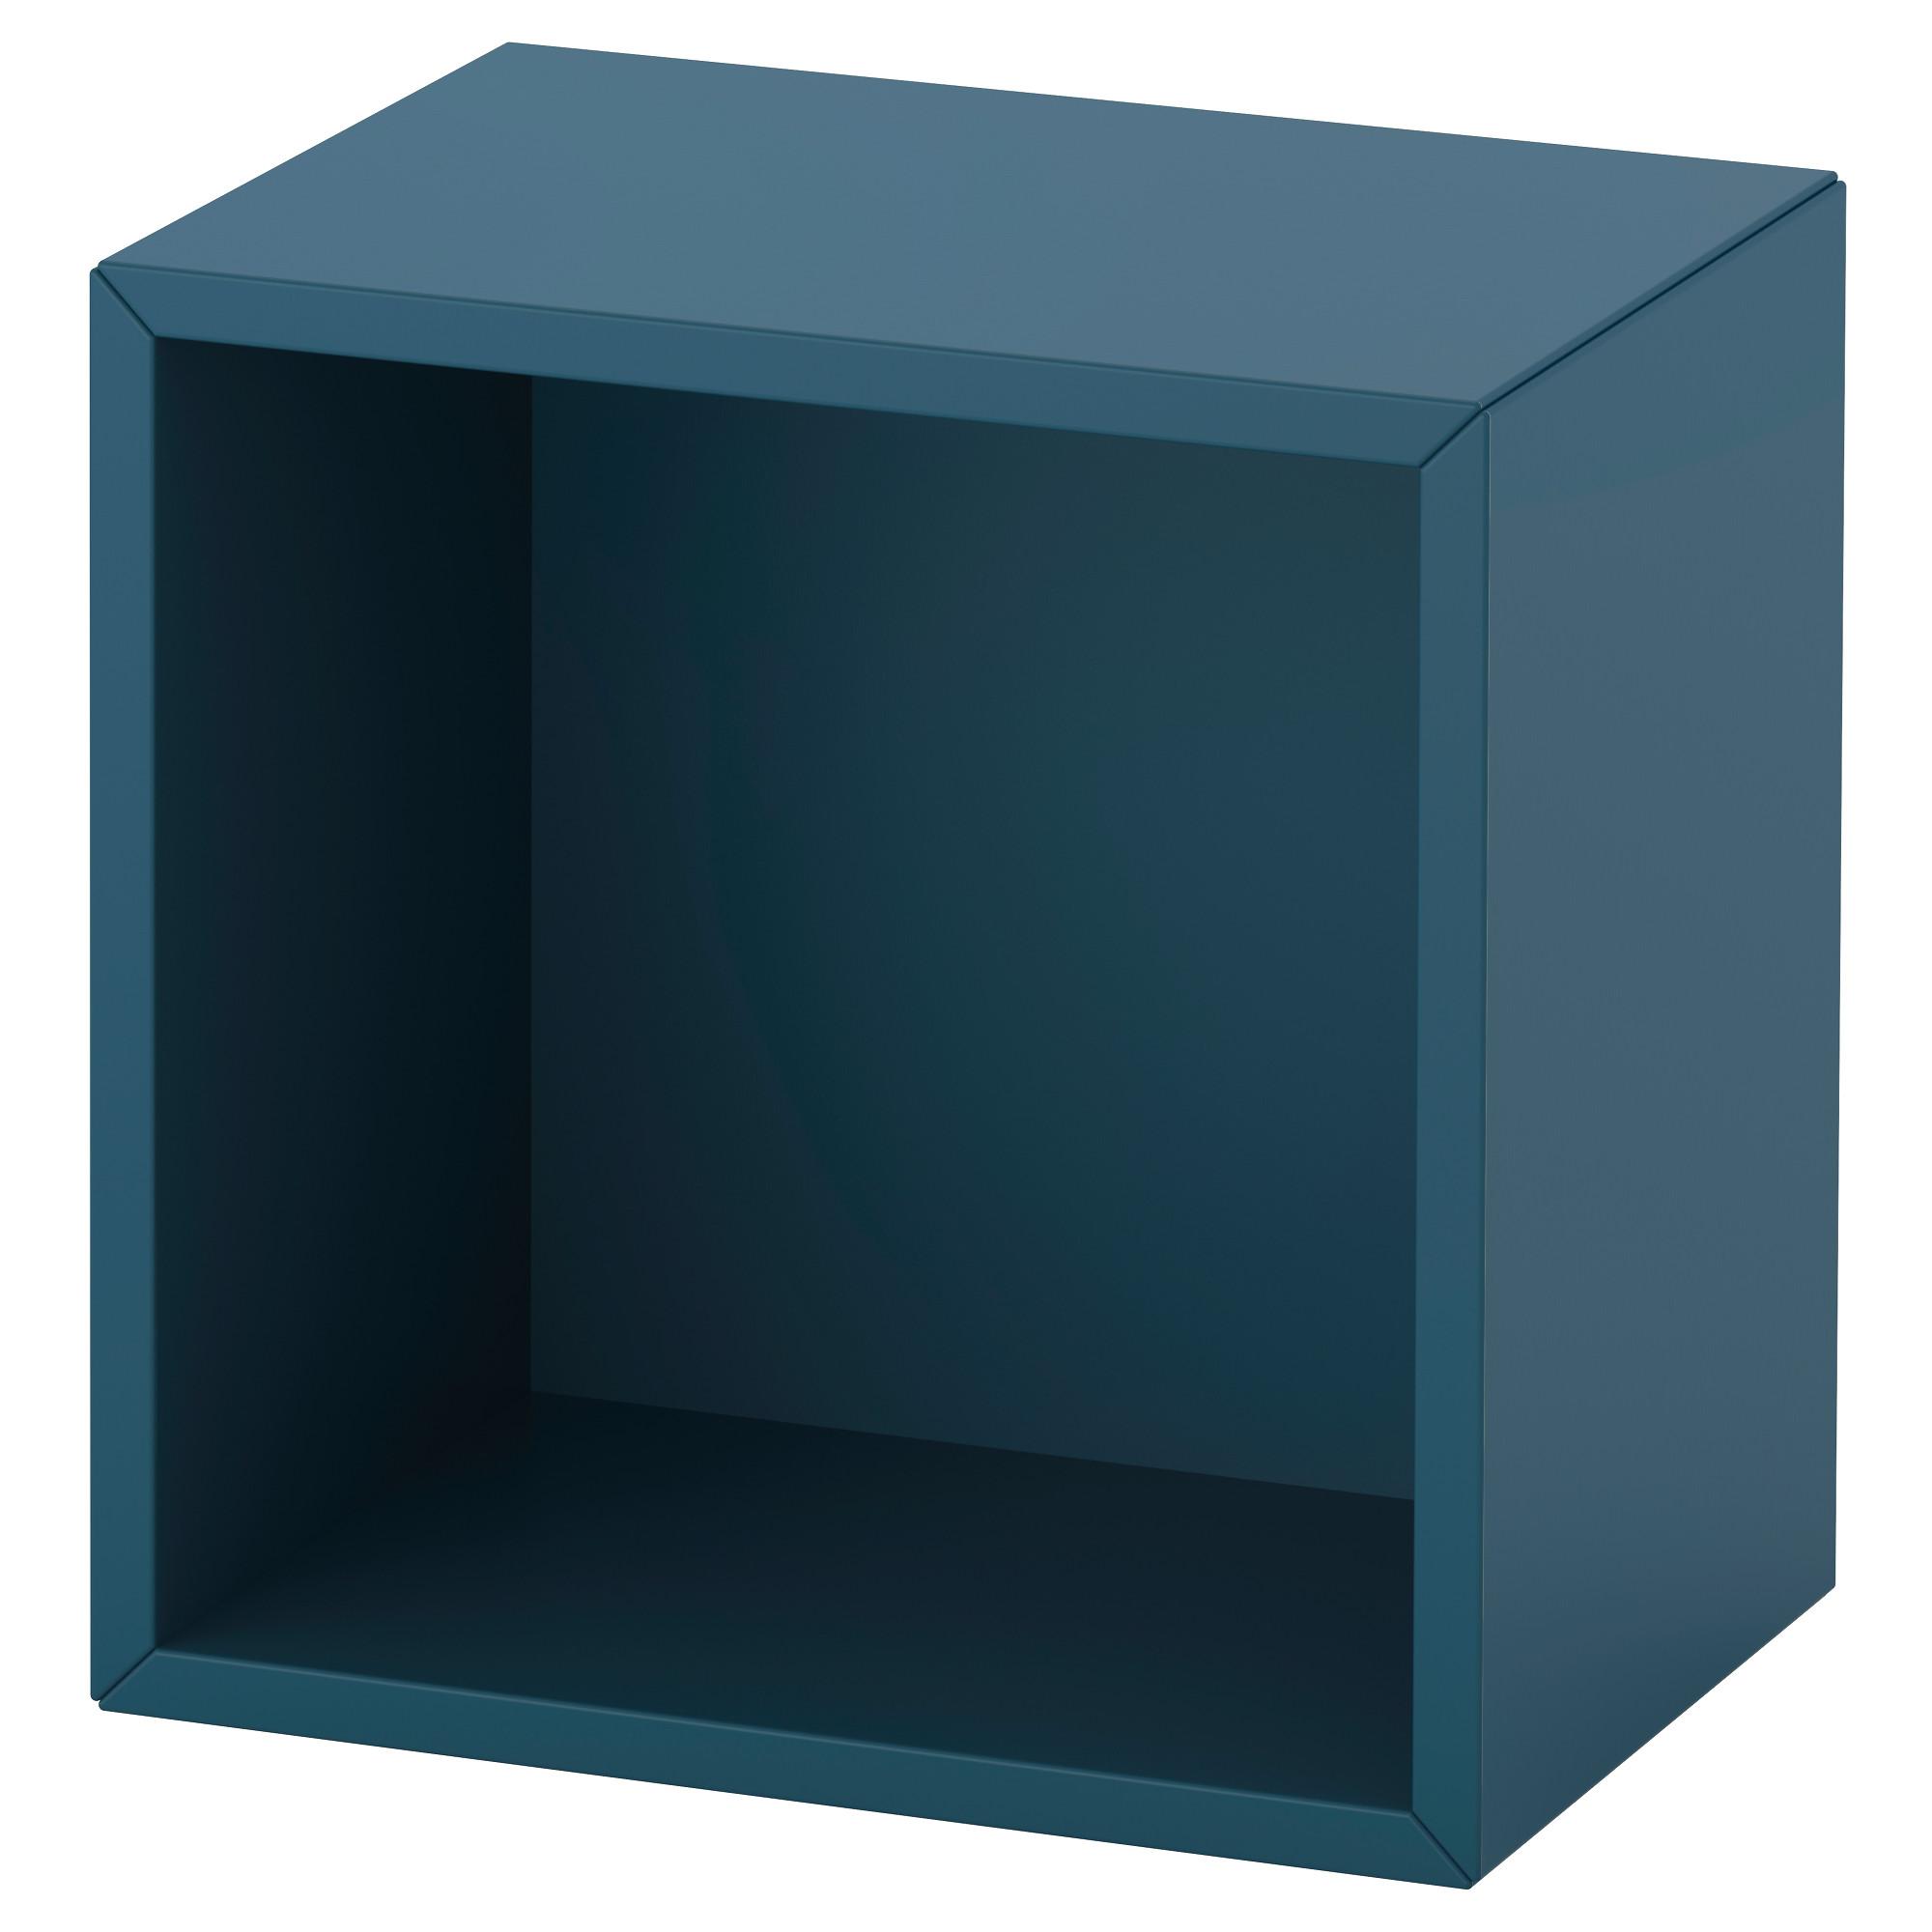 Навесной модуль ЭКЕТ темно-синий артикуль № 592.858.50 в наличии. Интернет сайт ИКЕА Беларусь. Недорогая доставка и соборка.